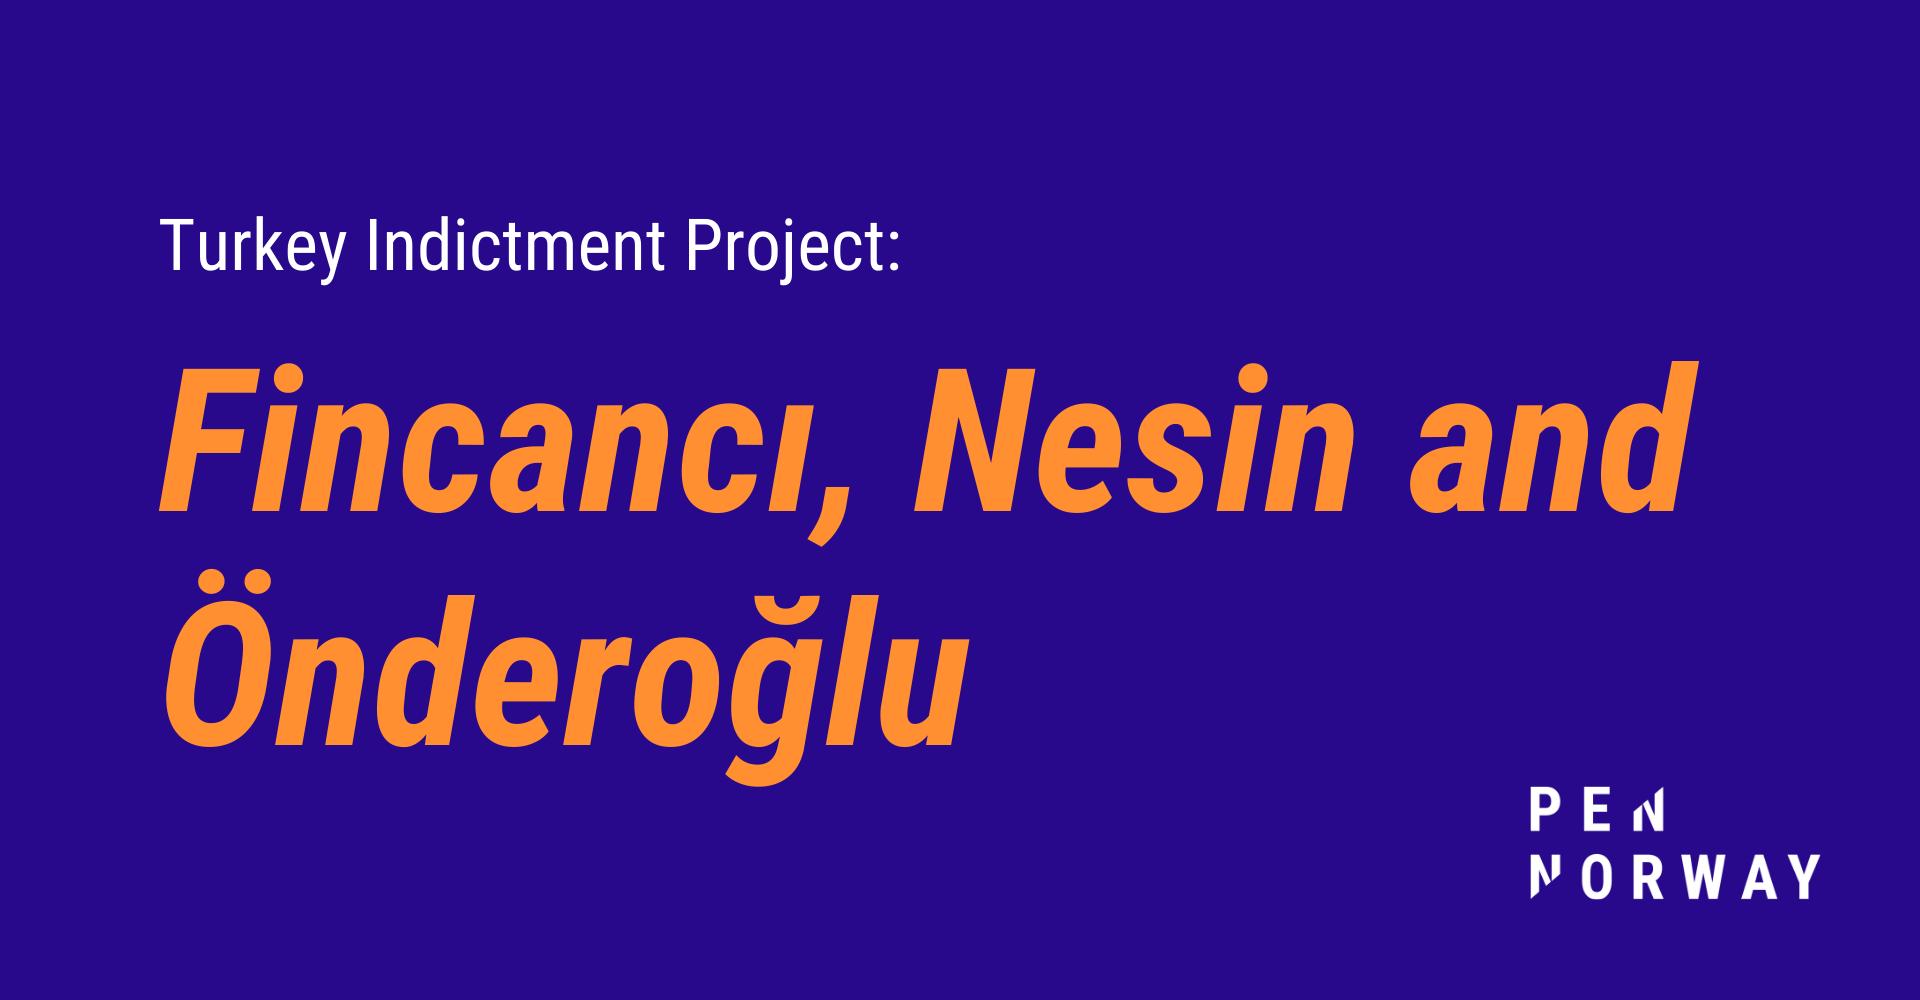 Turkey v. Fincancı, Nesin and Önderoğlu